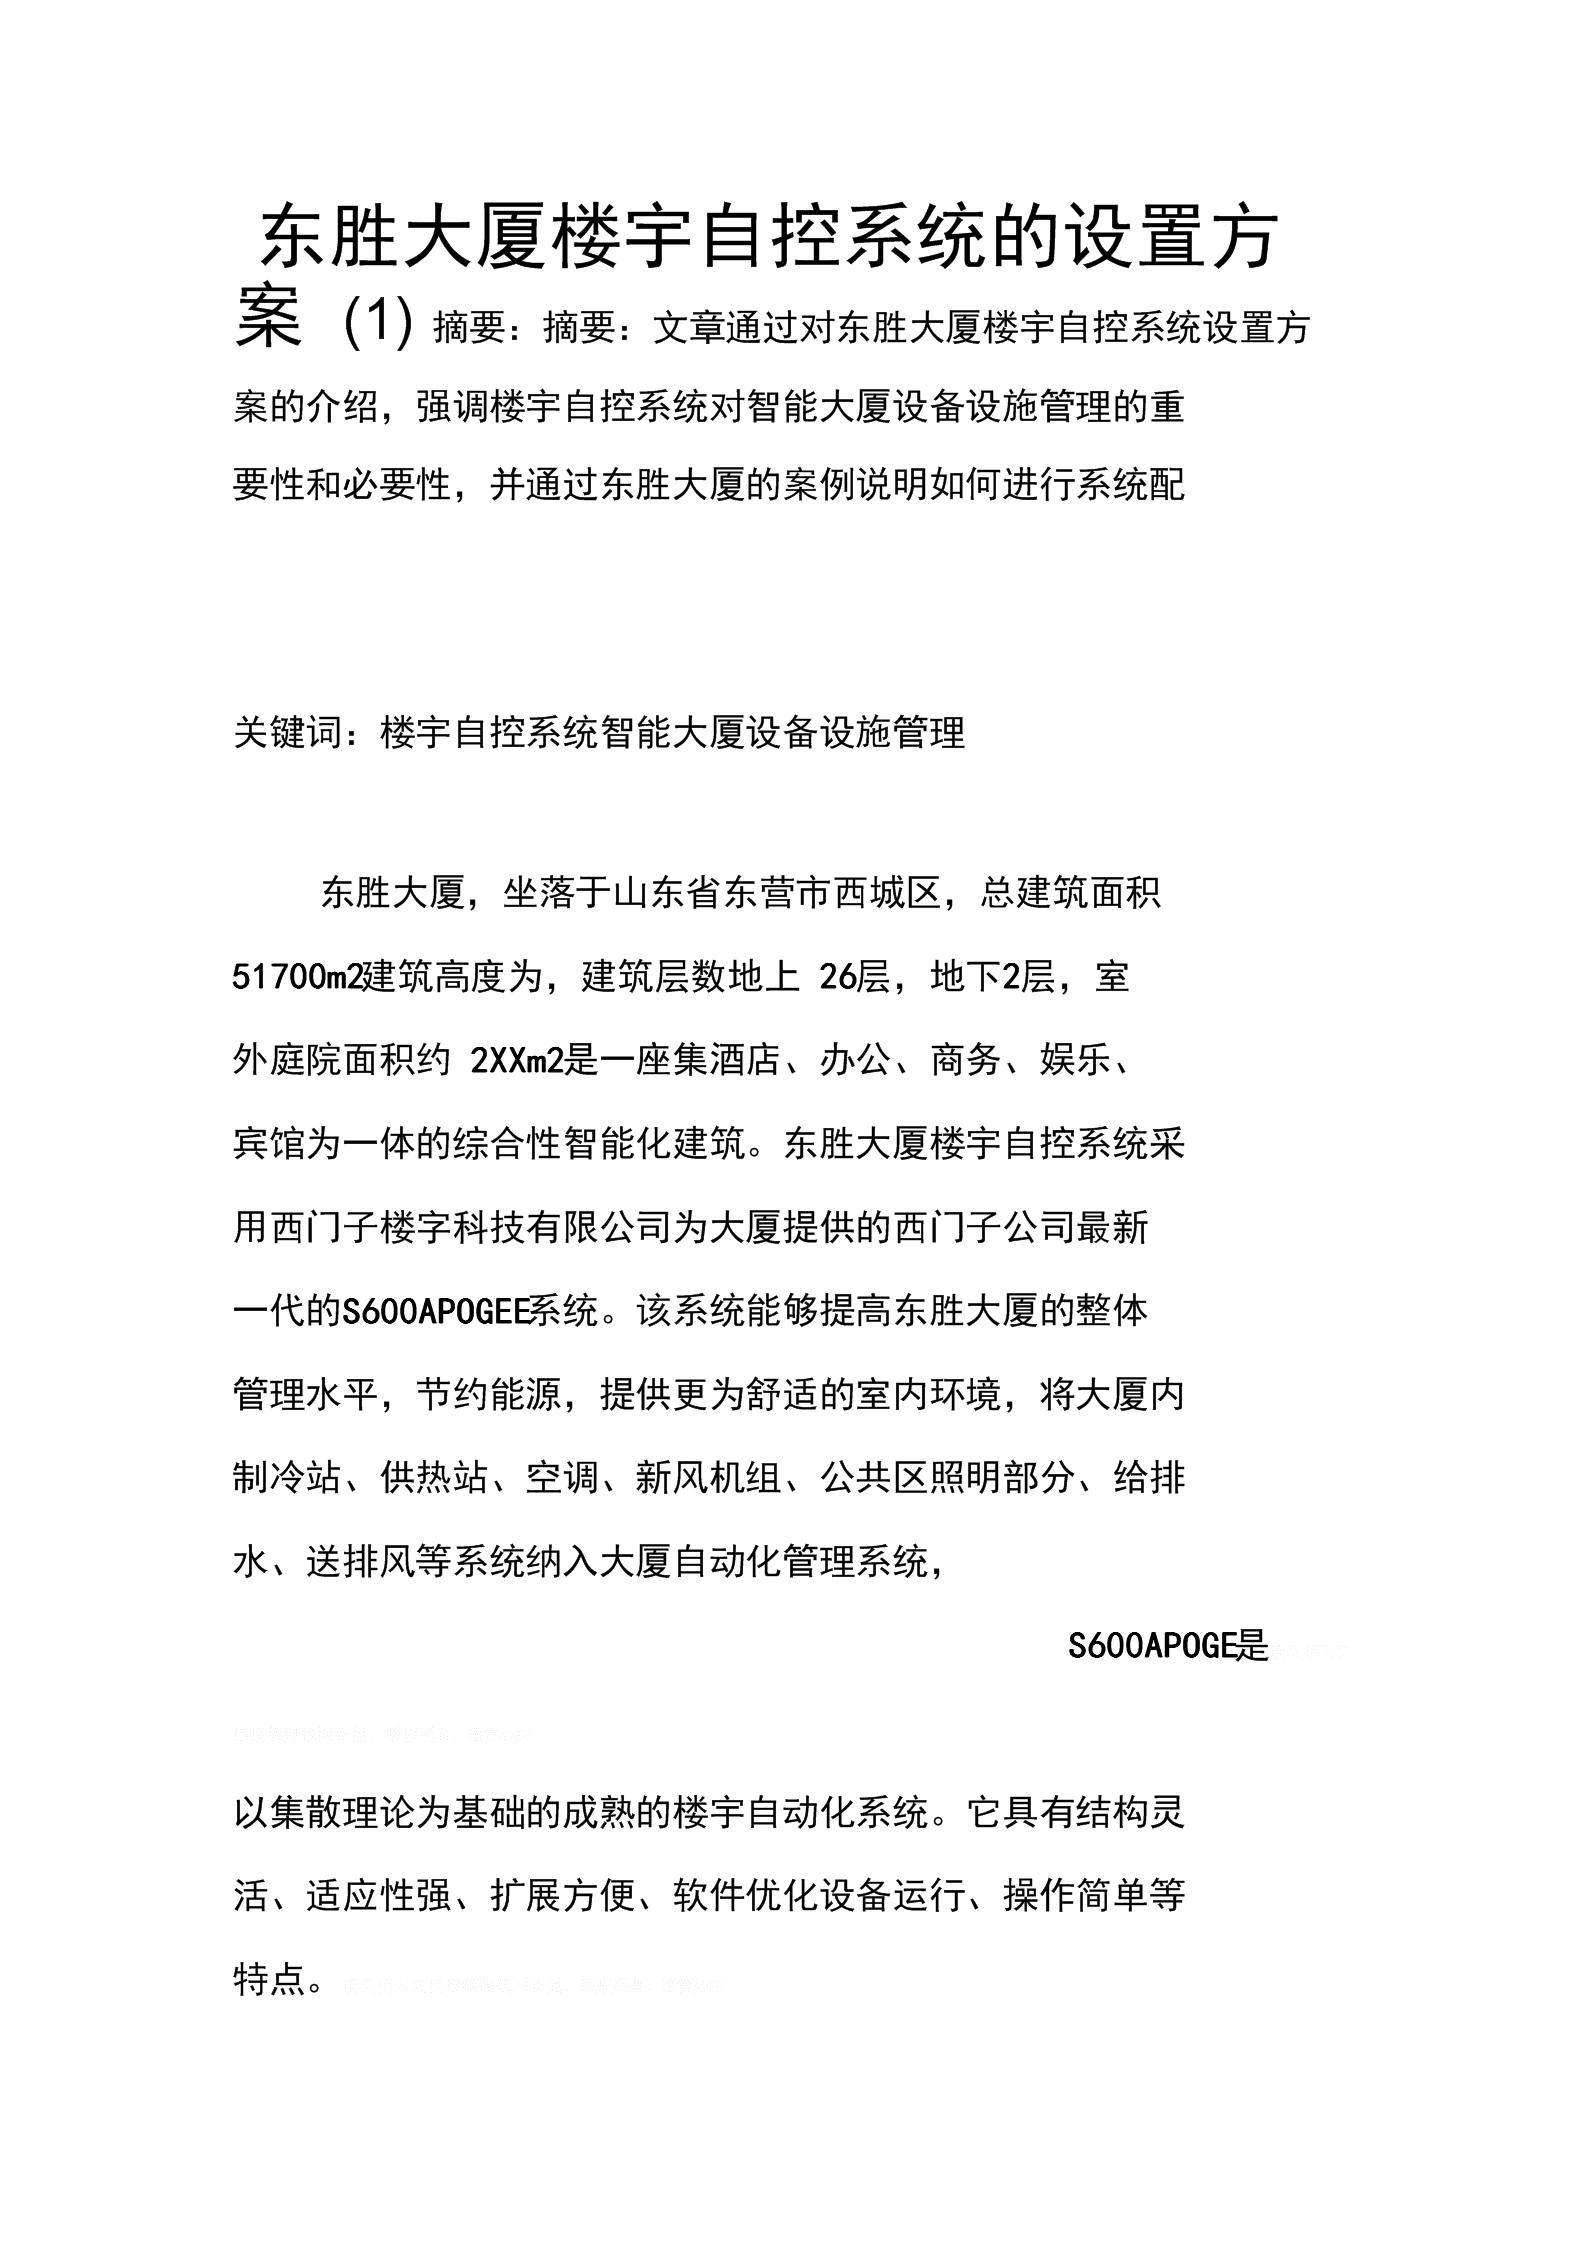 东胜大厦楼宇自控系统的设置方案(1).docx